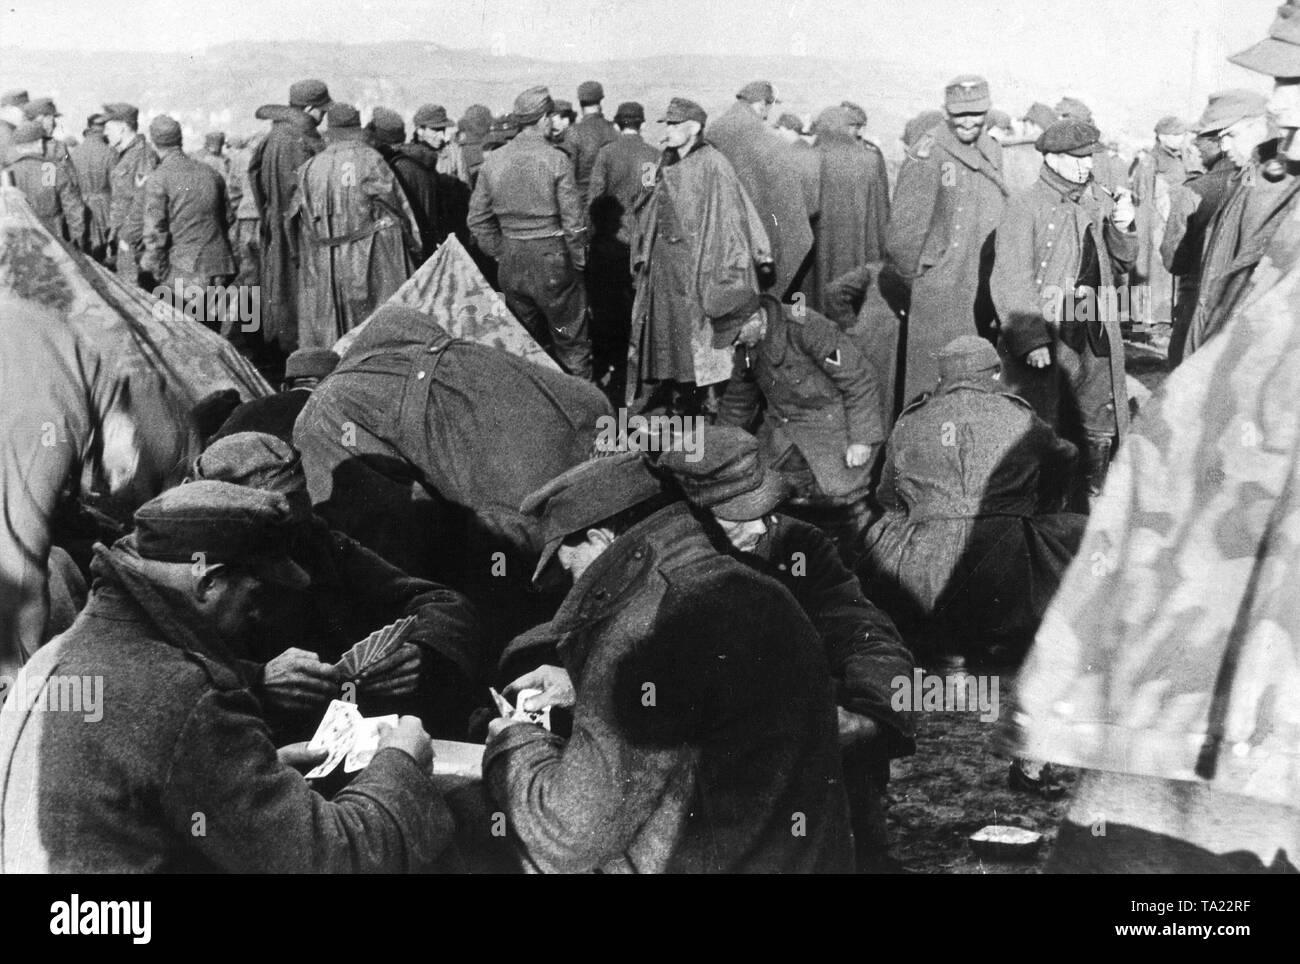 Soldats allemands dans un camp de prisonniers de guerre alliés, 1945, (photo n/b) Photo Stock